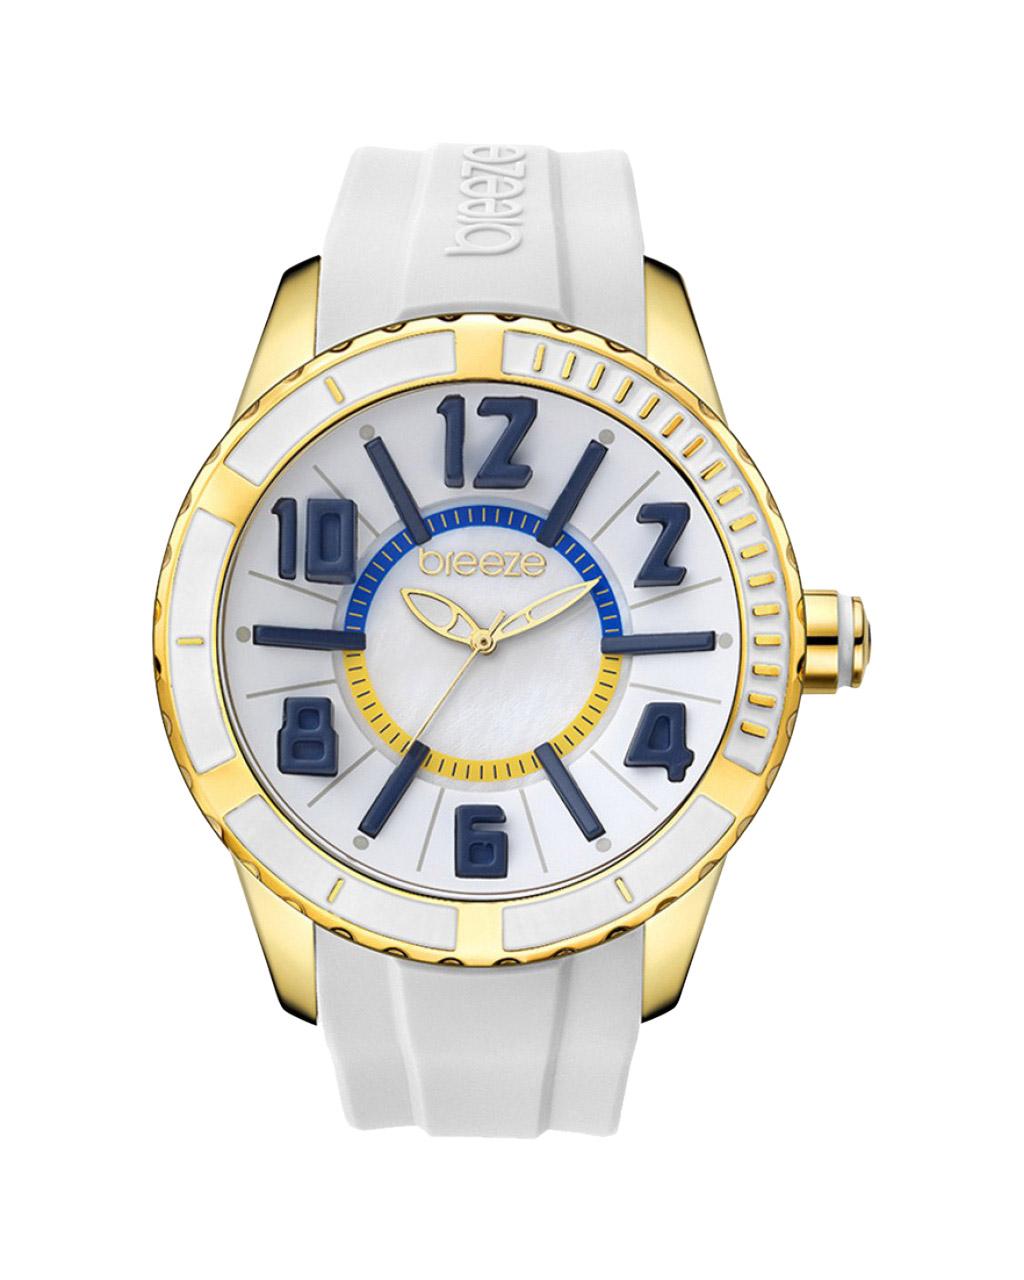 Ρολόι BREEZE 110141.11   προσφορεσ ρολόγια ρολόγια έως 100ε